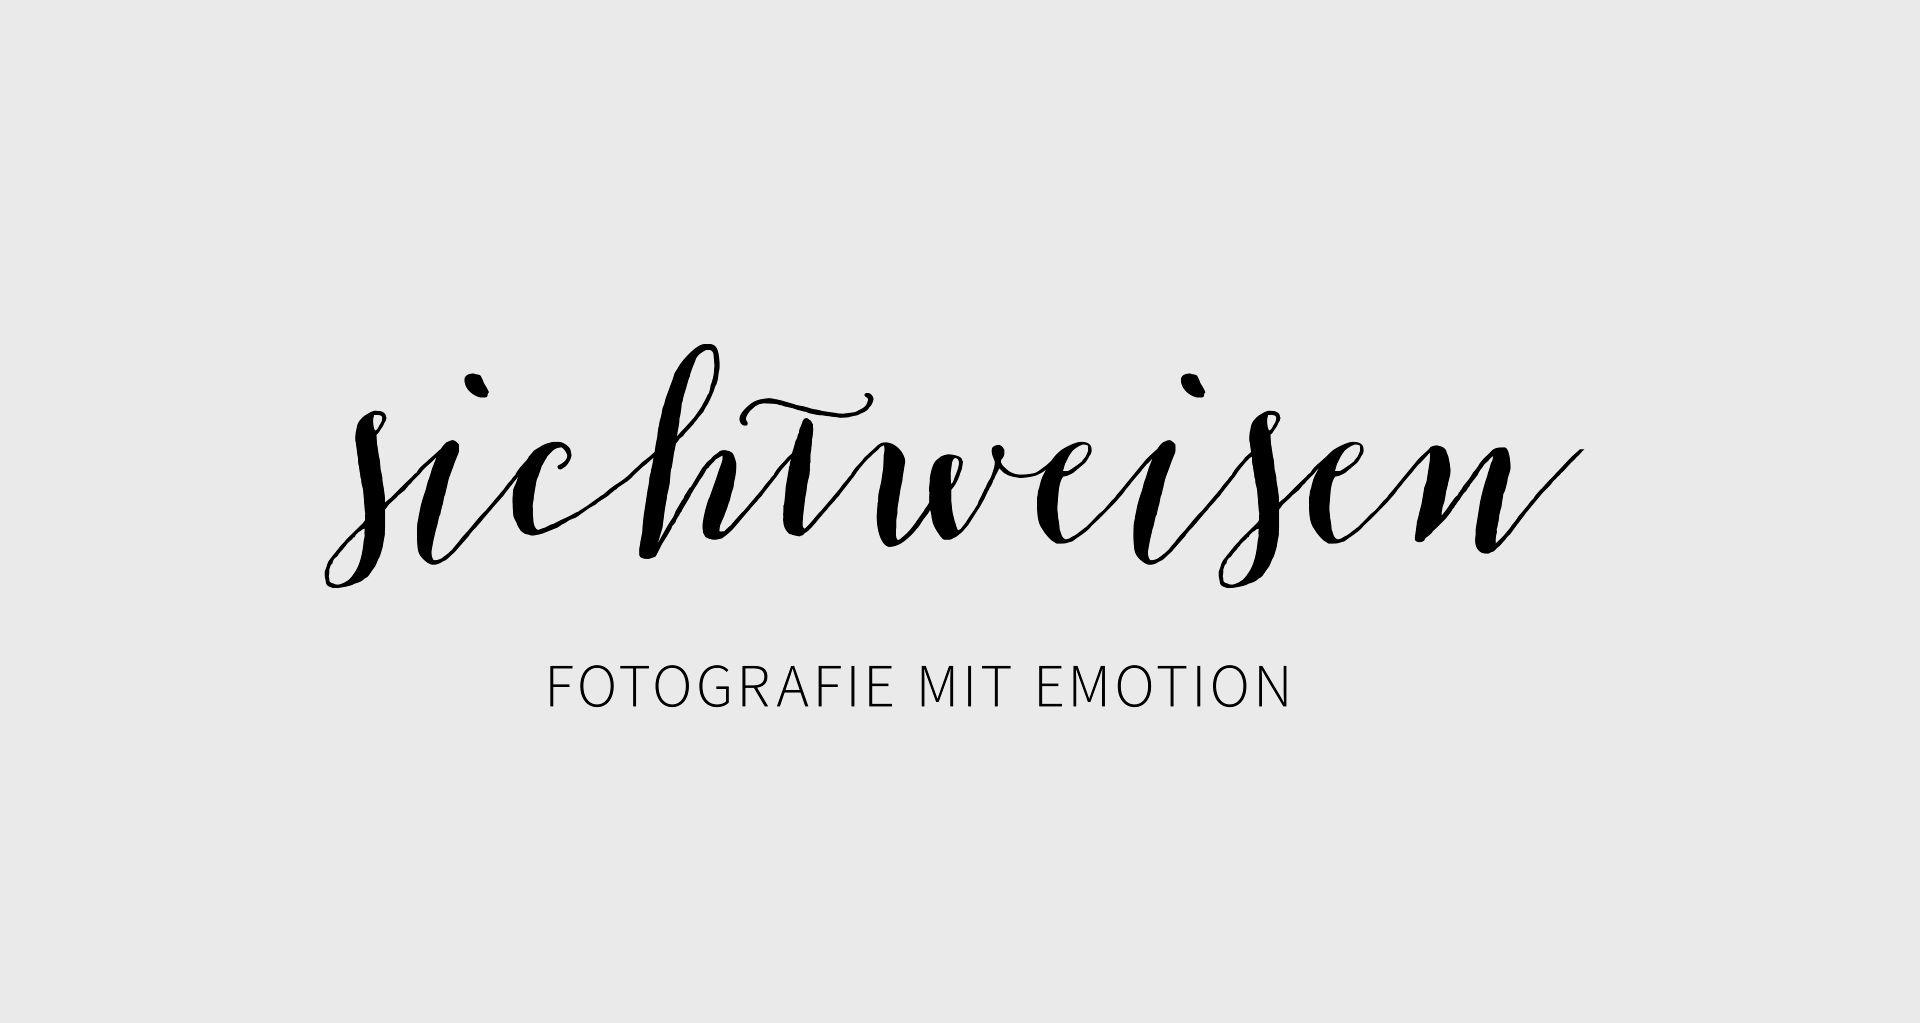 Fotostudio Sichtweisen